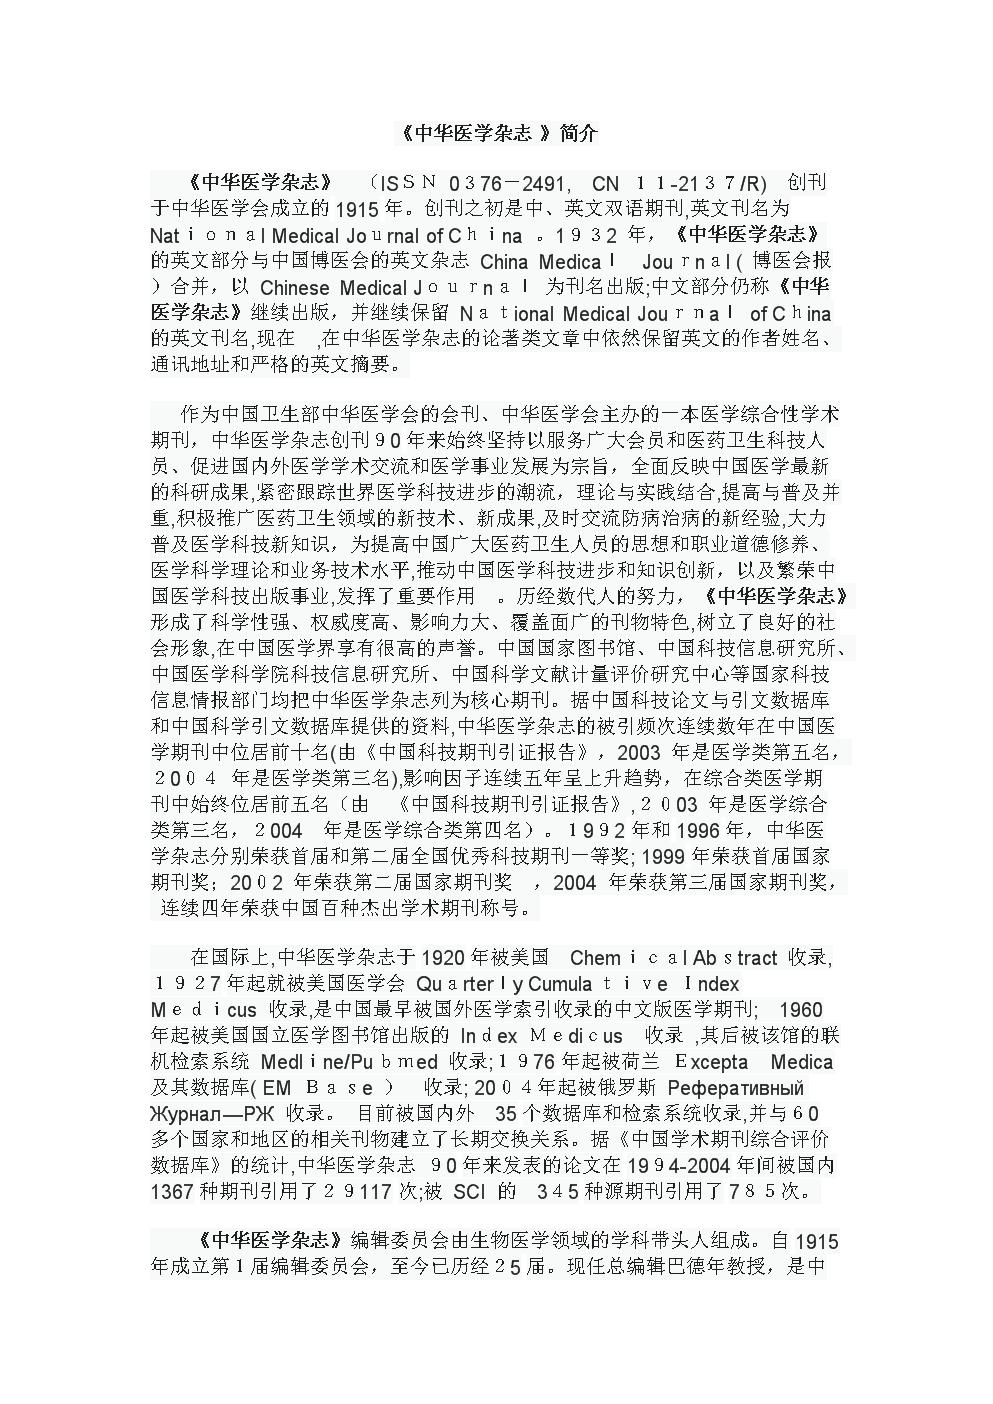 《中华医学》杂志投稿须知.doc